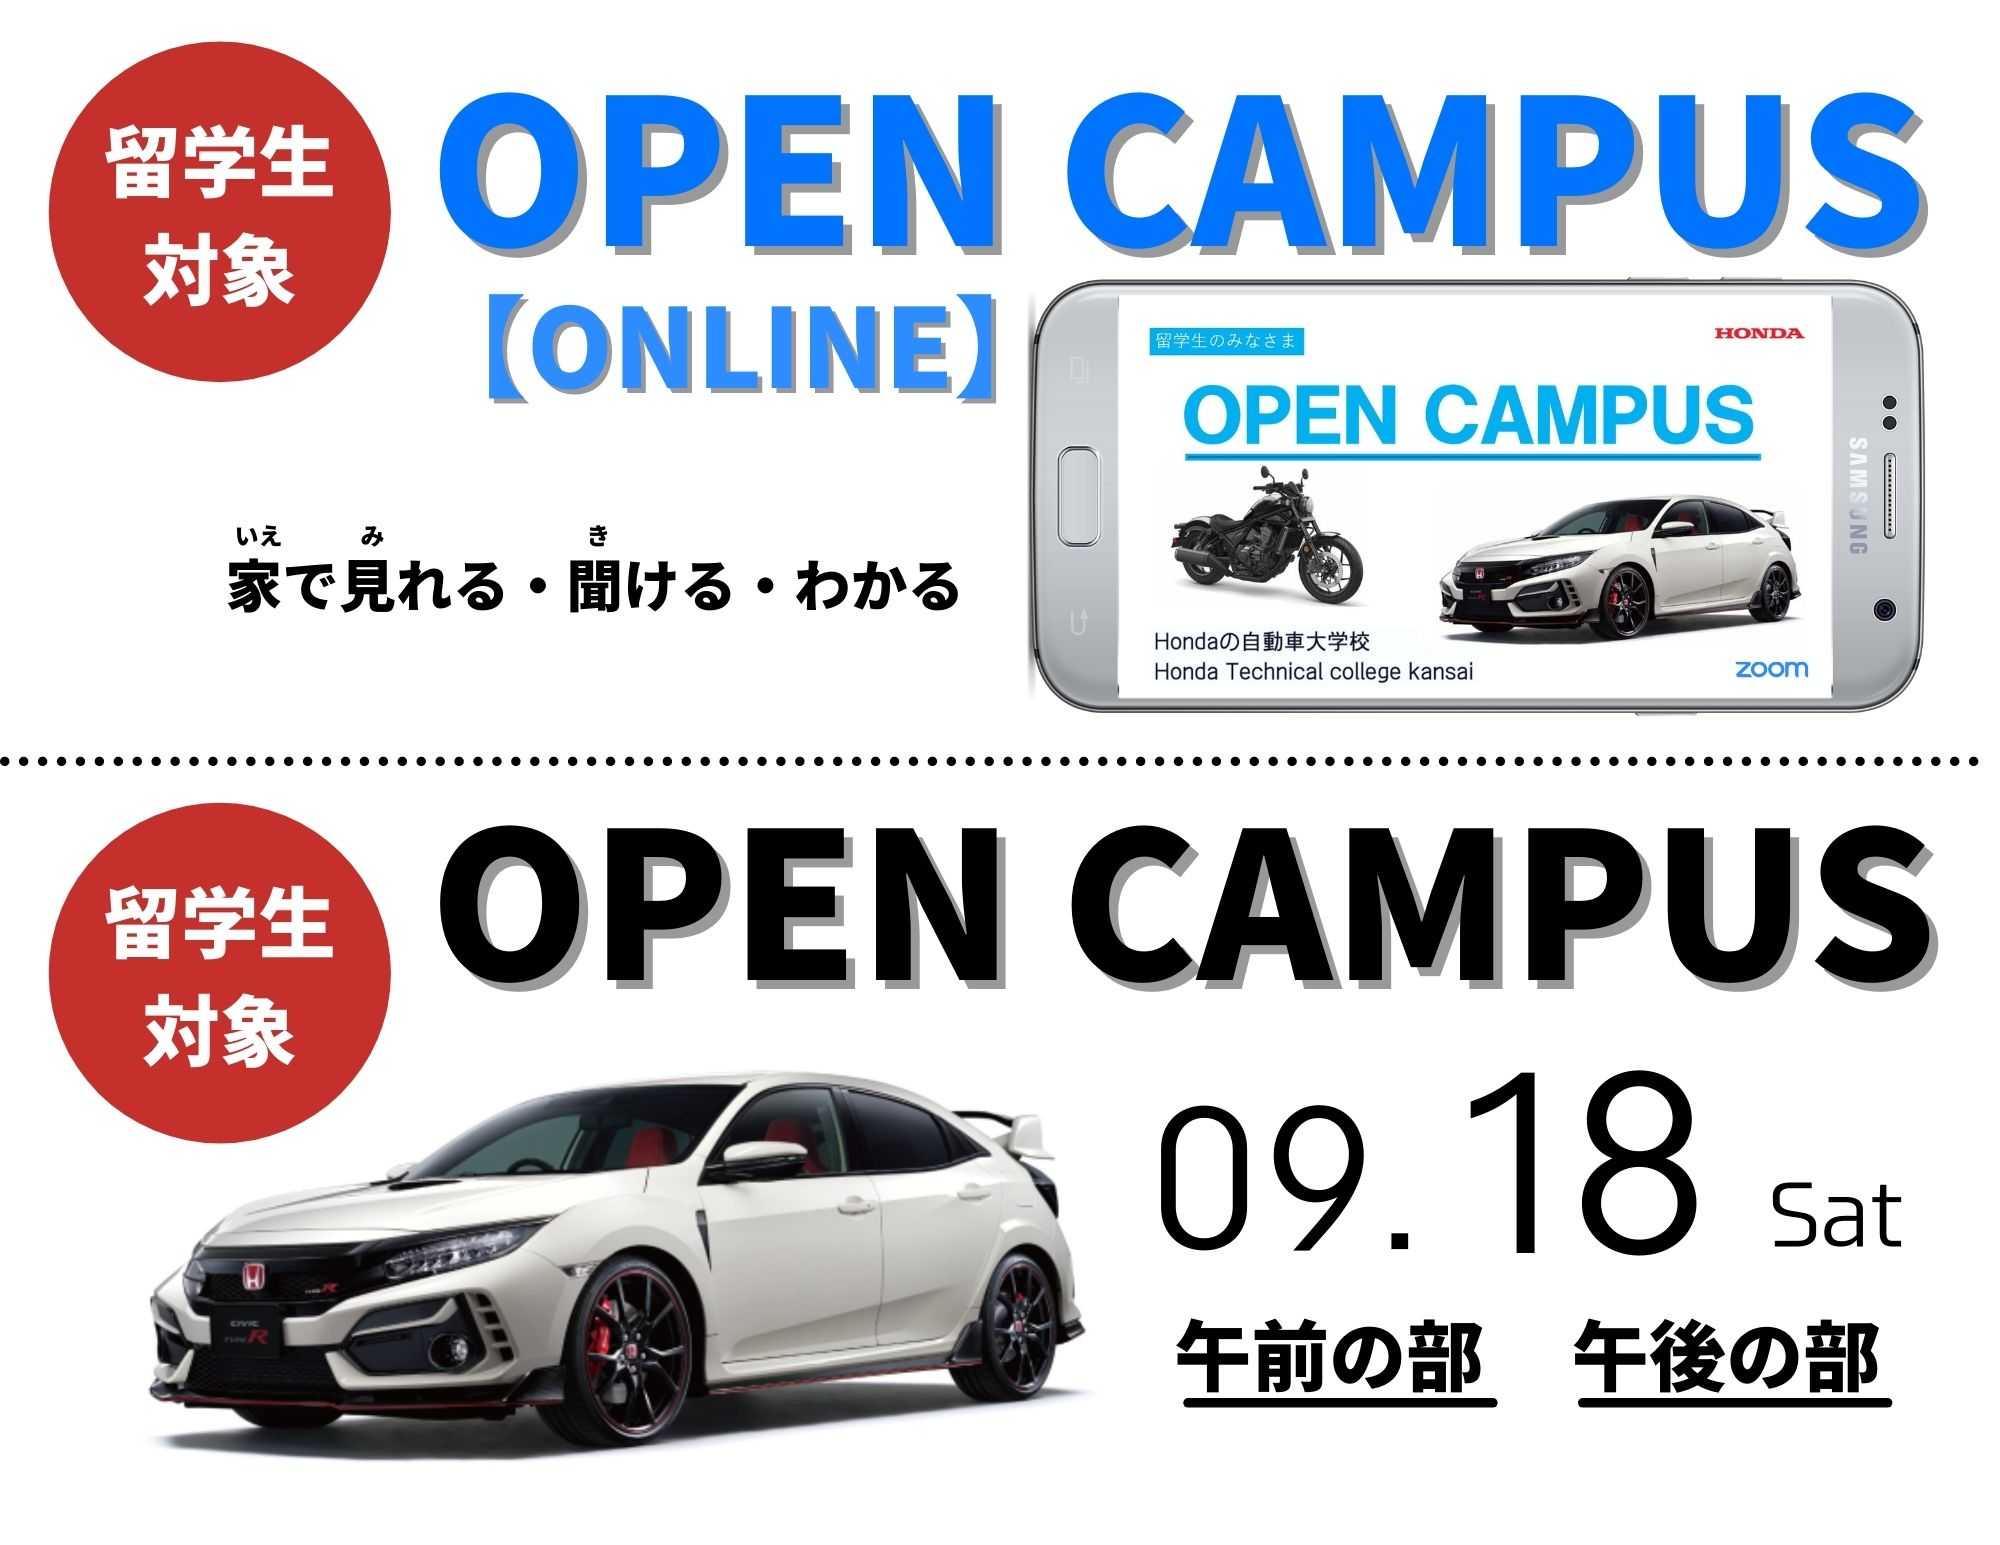 【留学生の方へ】9月のオープンキャンパス開催日について